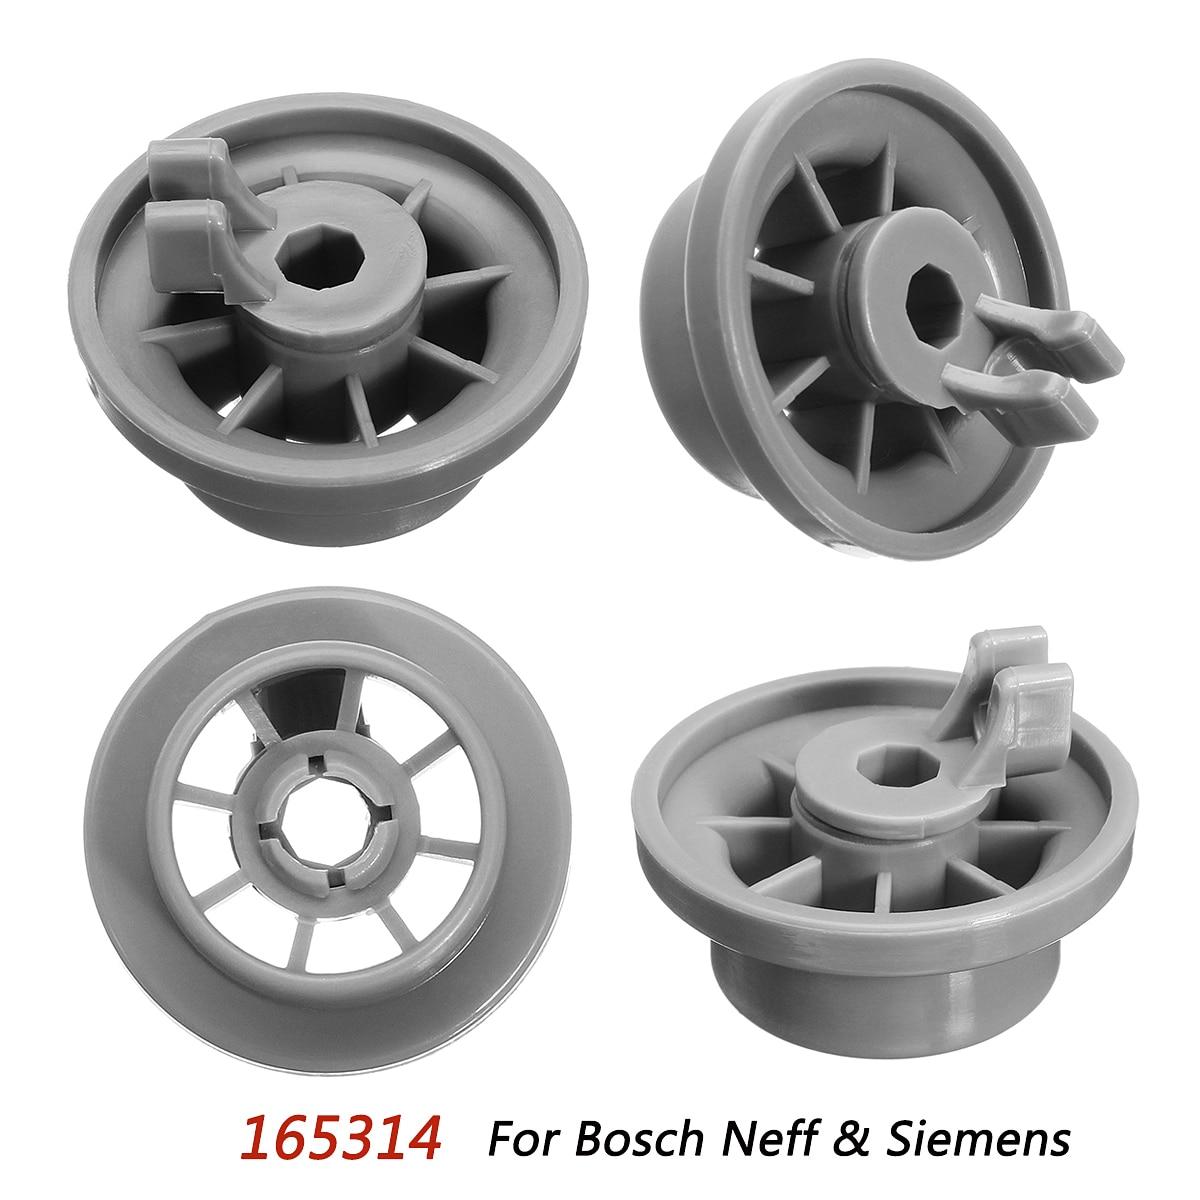 4 X For Bosch Siemens Neff Dishwasher Rack Basket Wheel Spare Part Accessories